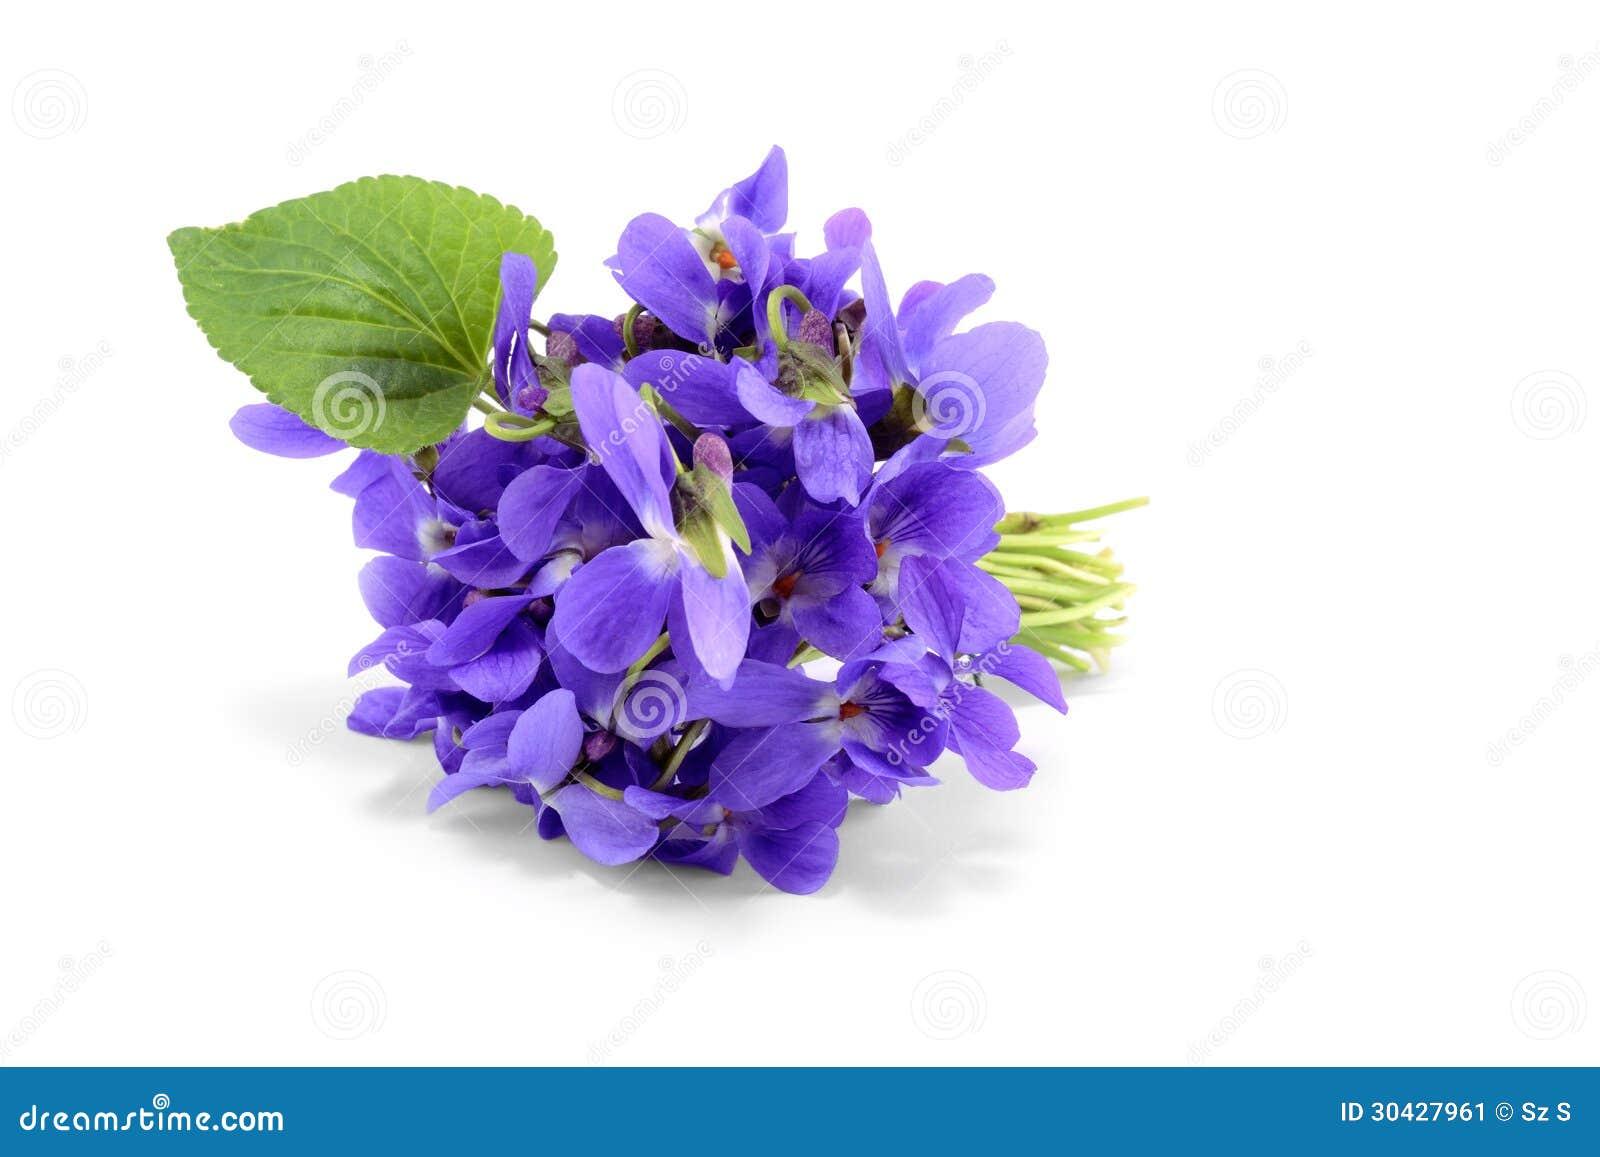 violet bouquet on white stock image image of violet 30427961. Black Bedroom Furniture Sets. Home Design Ideas